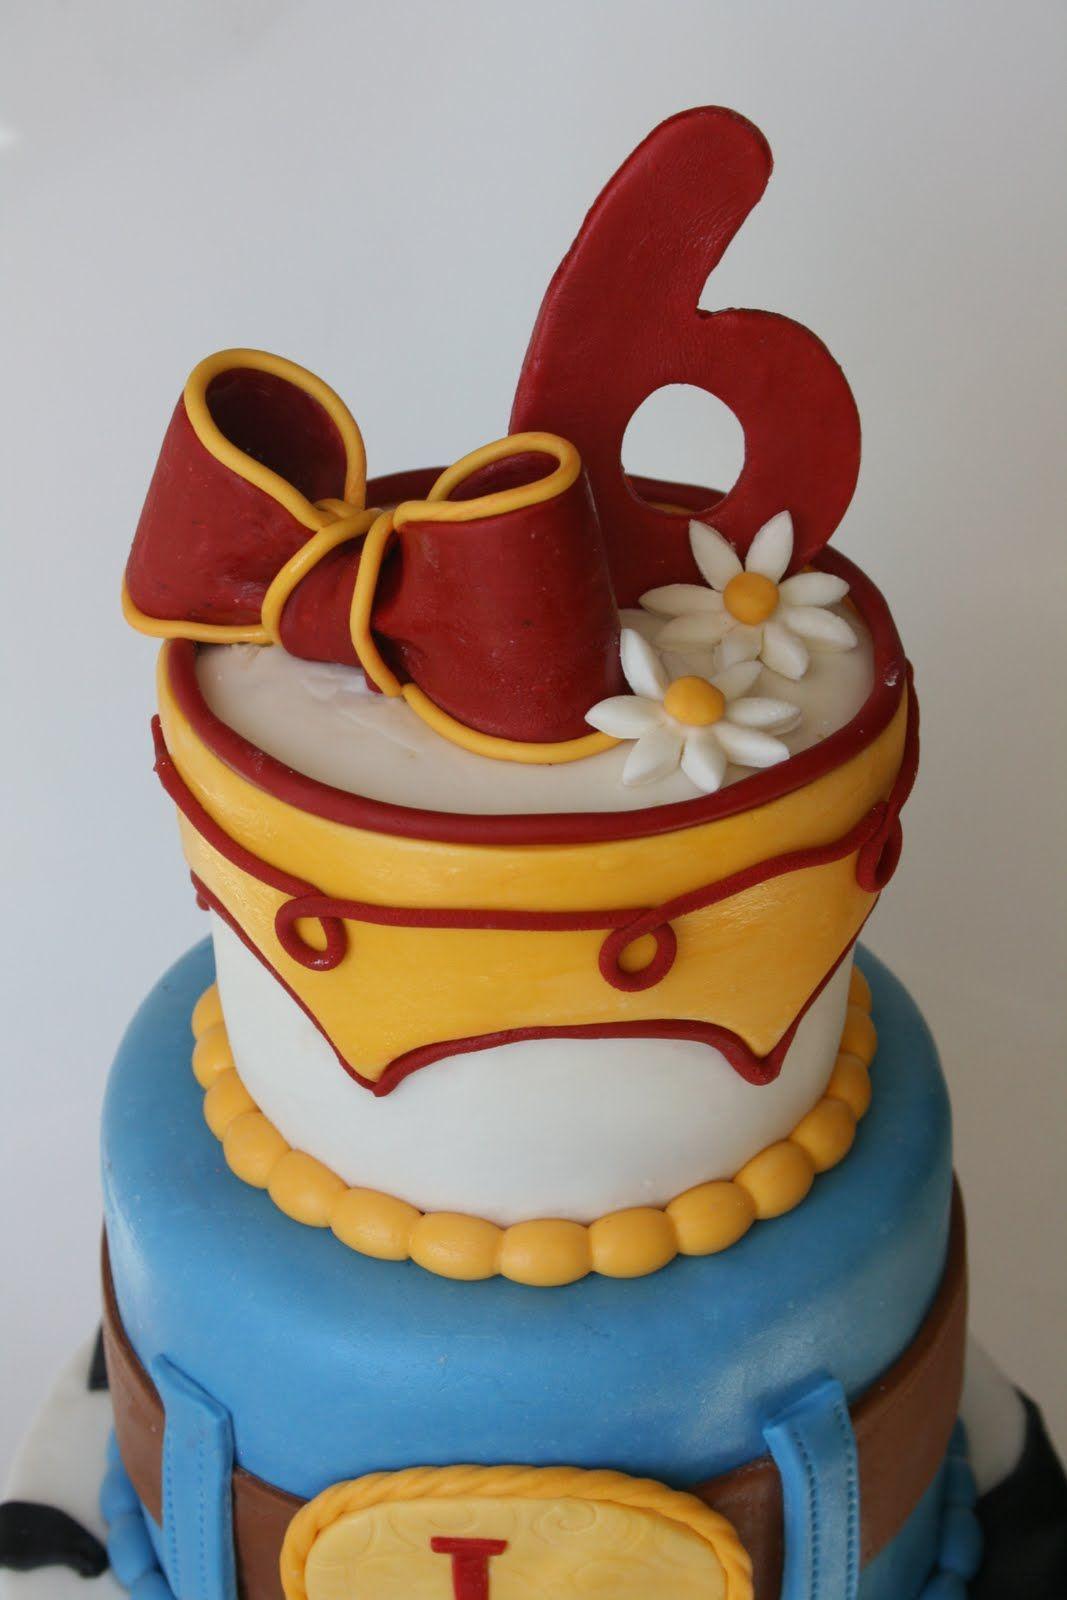 Jessie Toy Story Cake Ideas